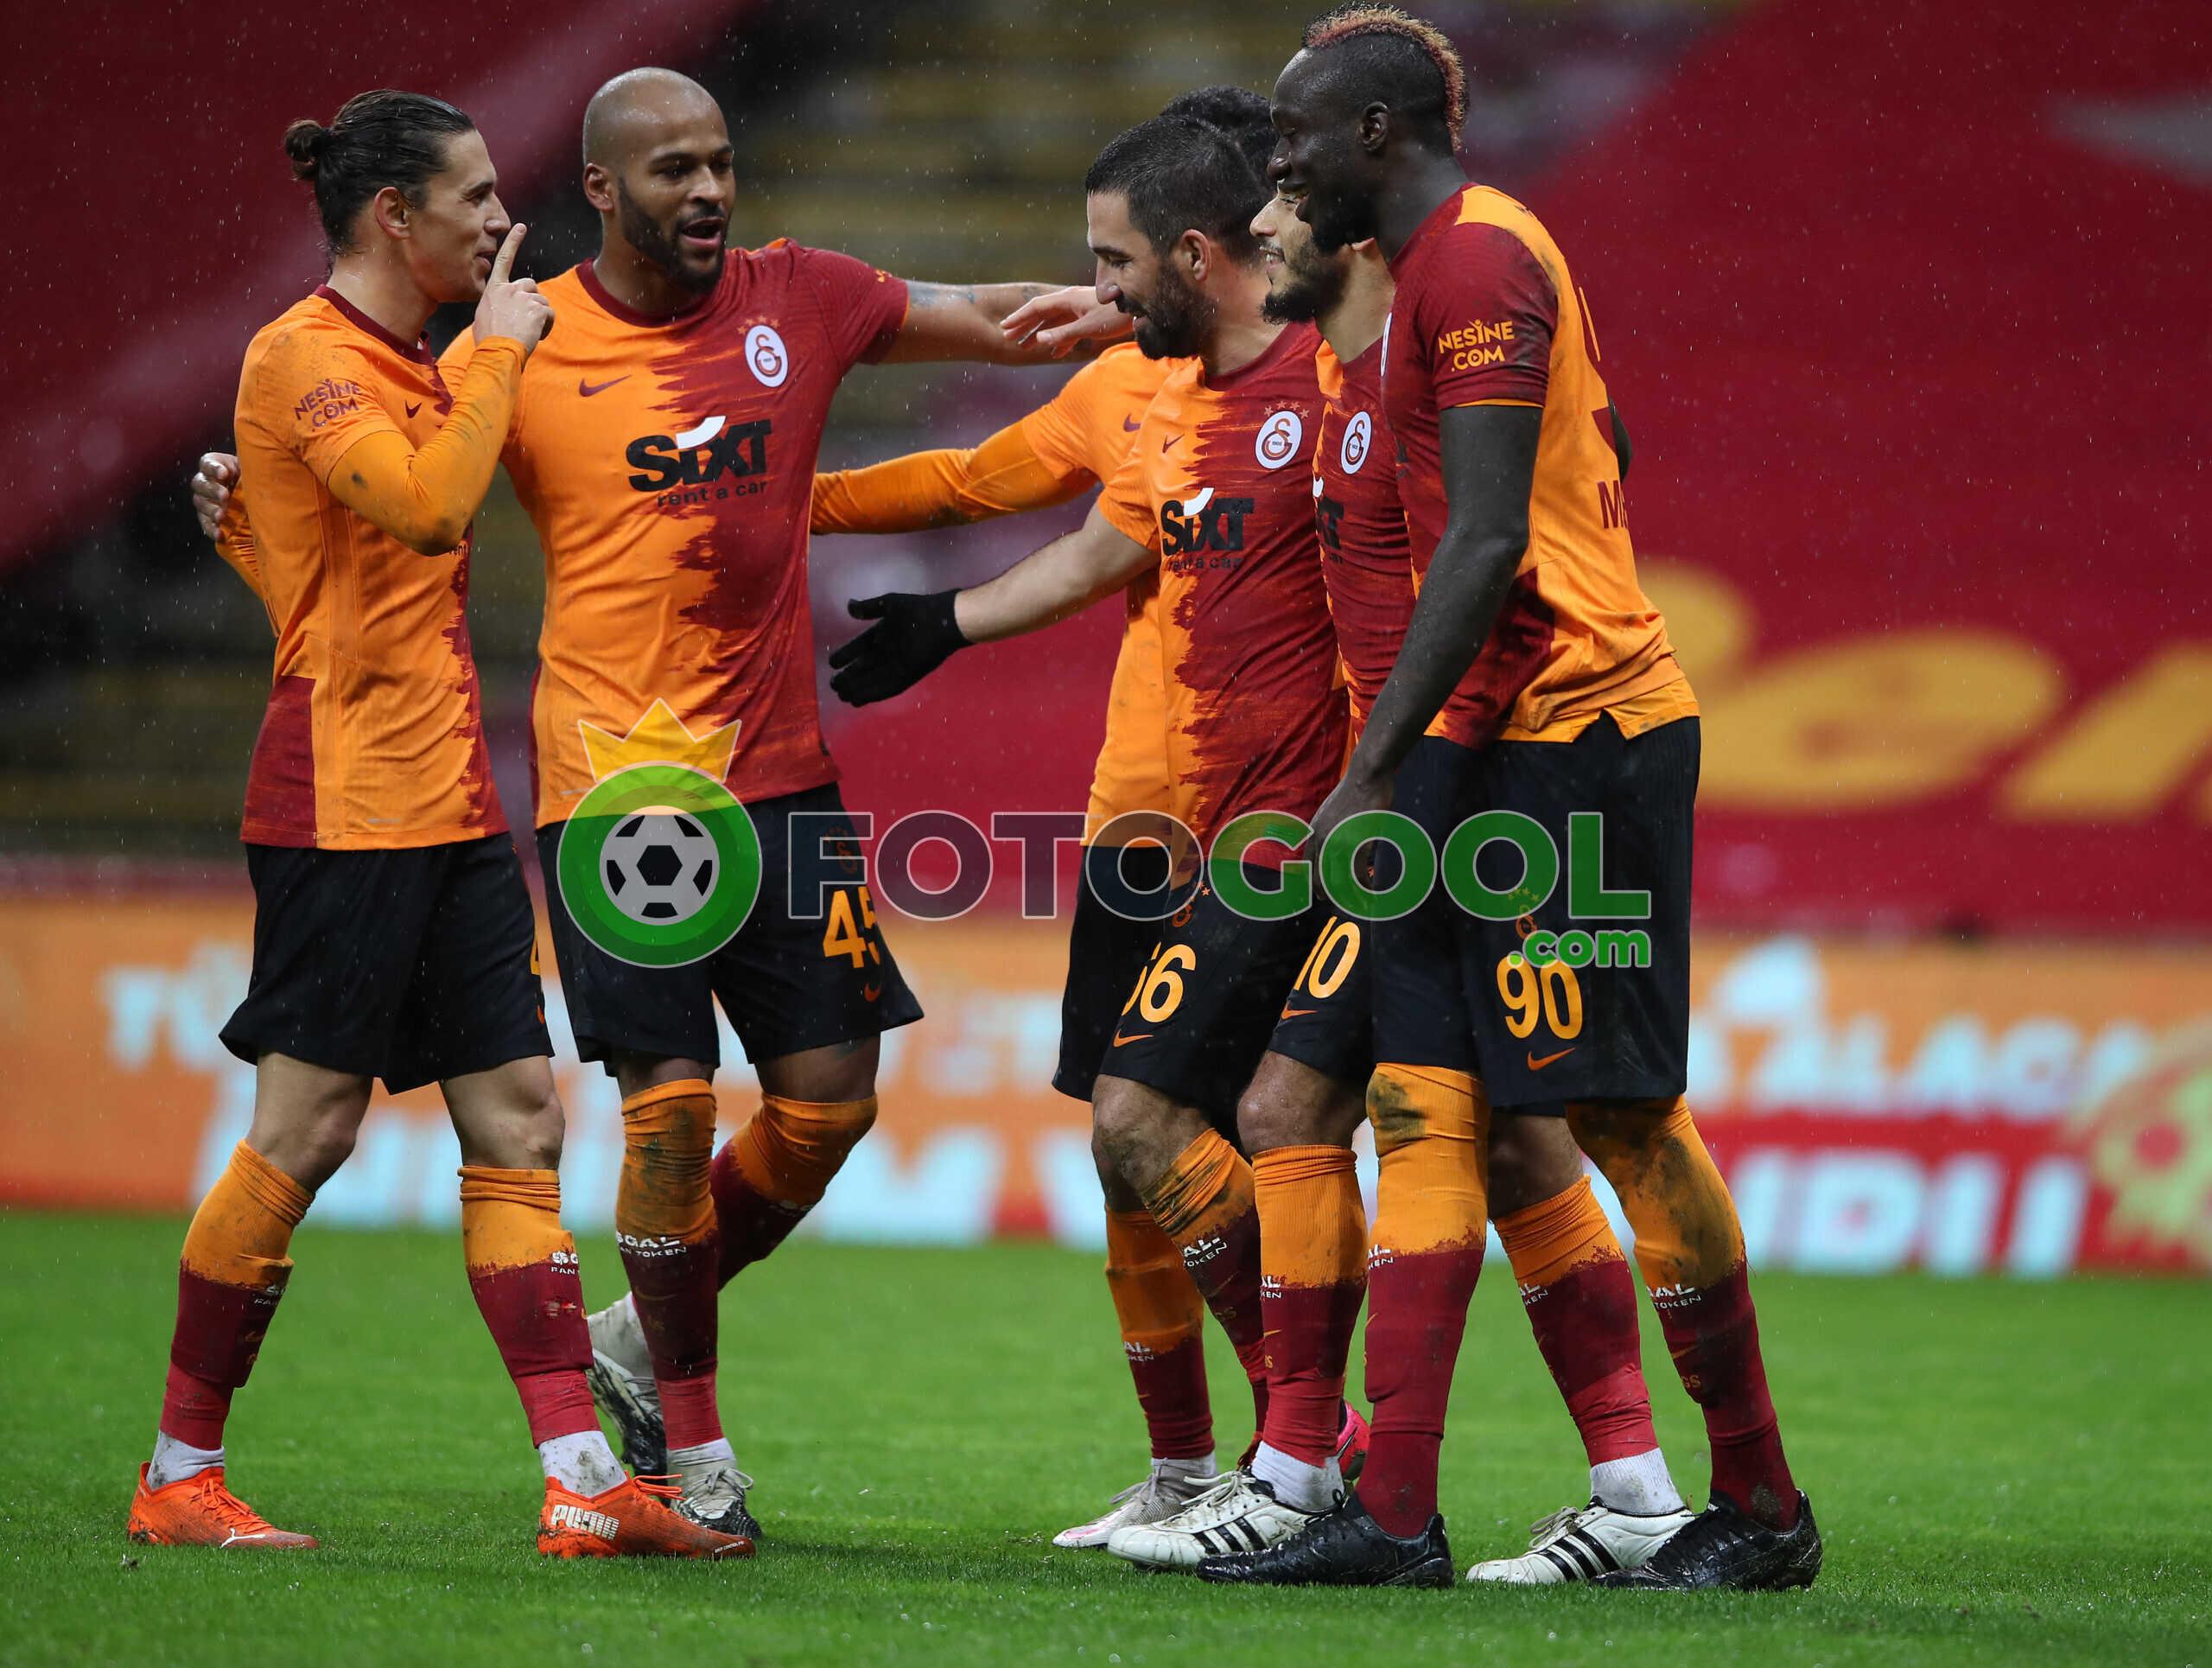 Galatasaray farka gitti 6-0